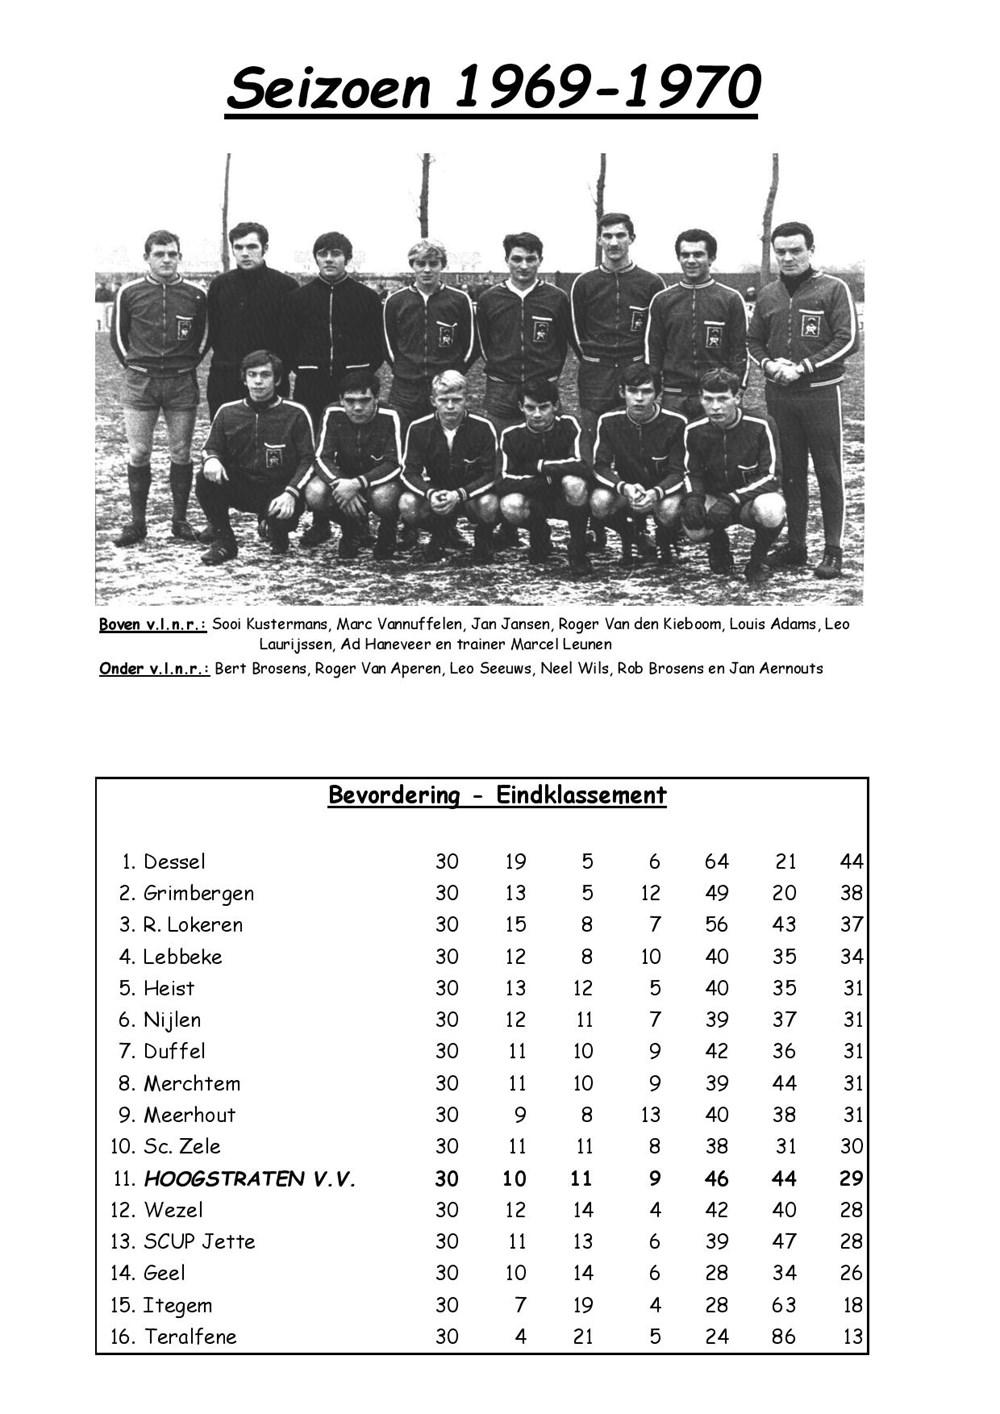 seizoen_1969-1970-page-001.jpg